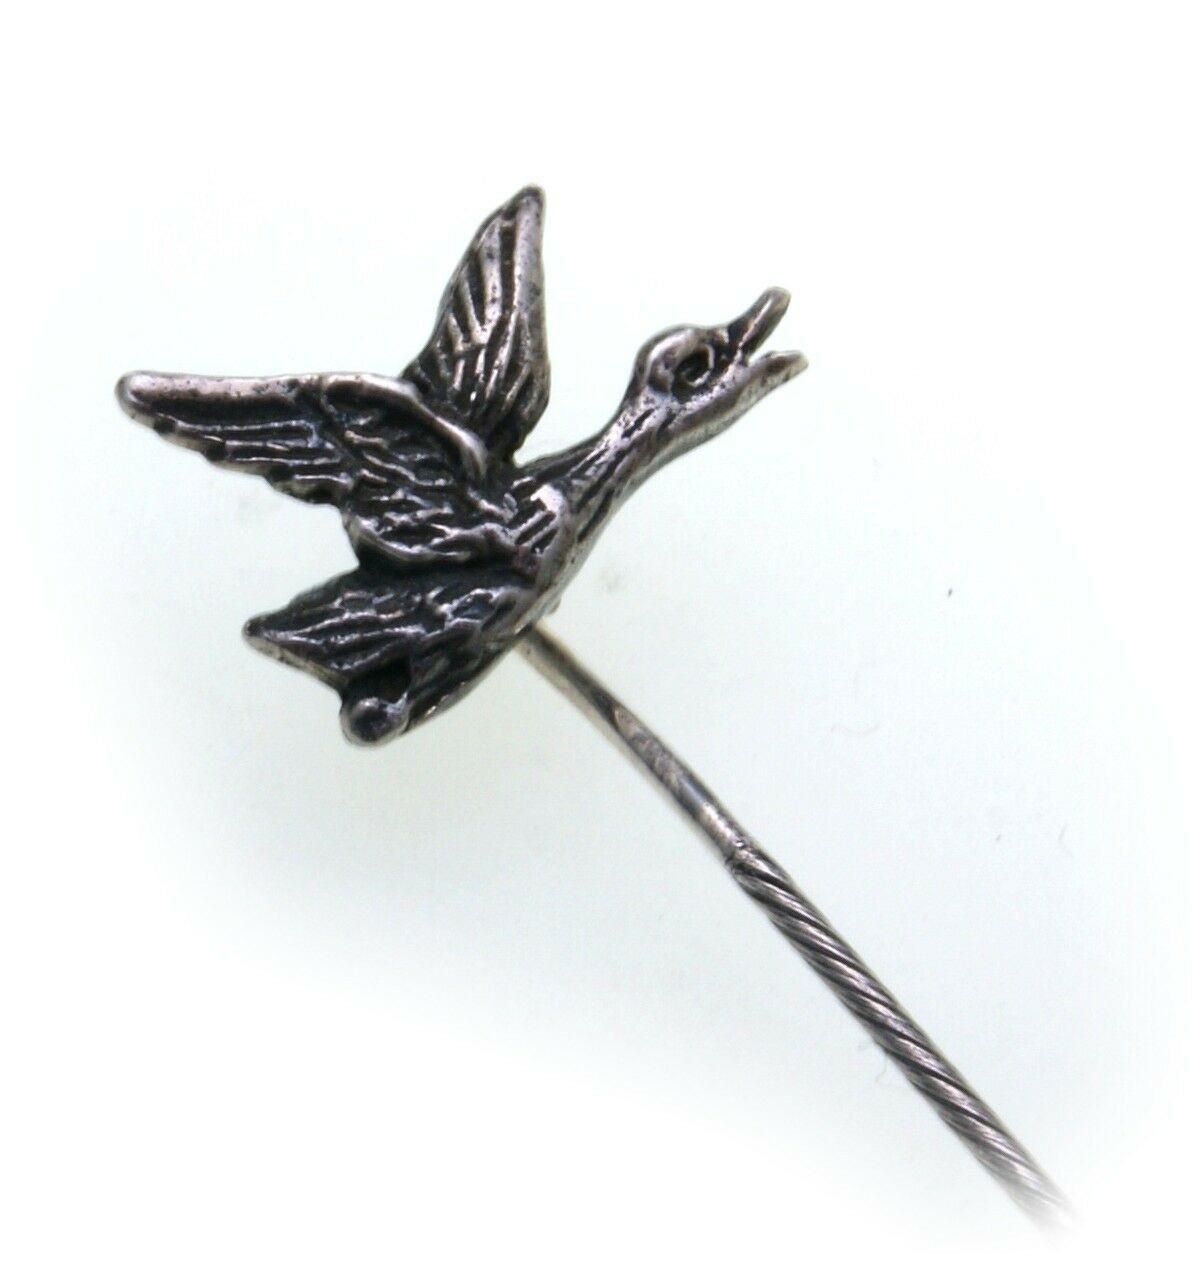 Krawattennadel Ente echt Silber 925 Jagdschmuck Grandelschmuck Anstecknadel